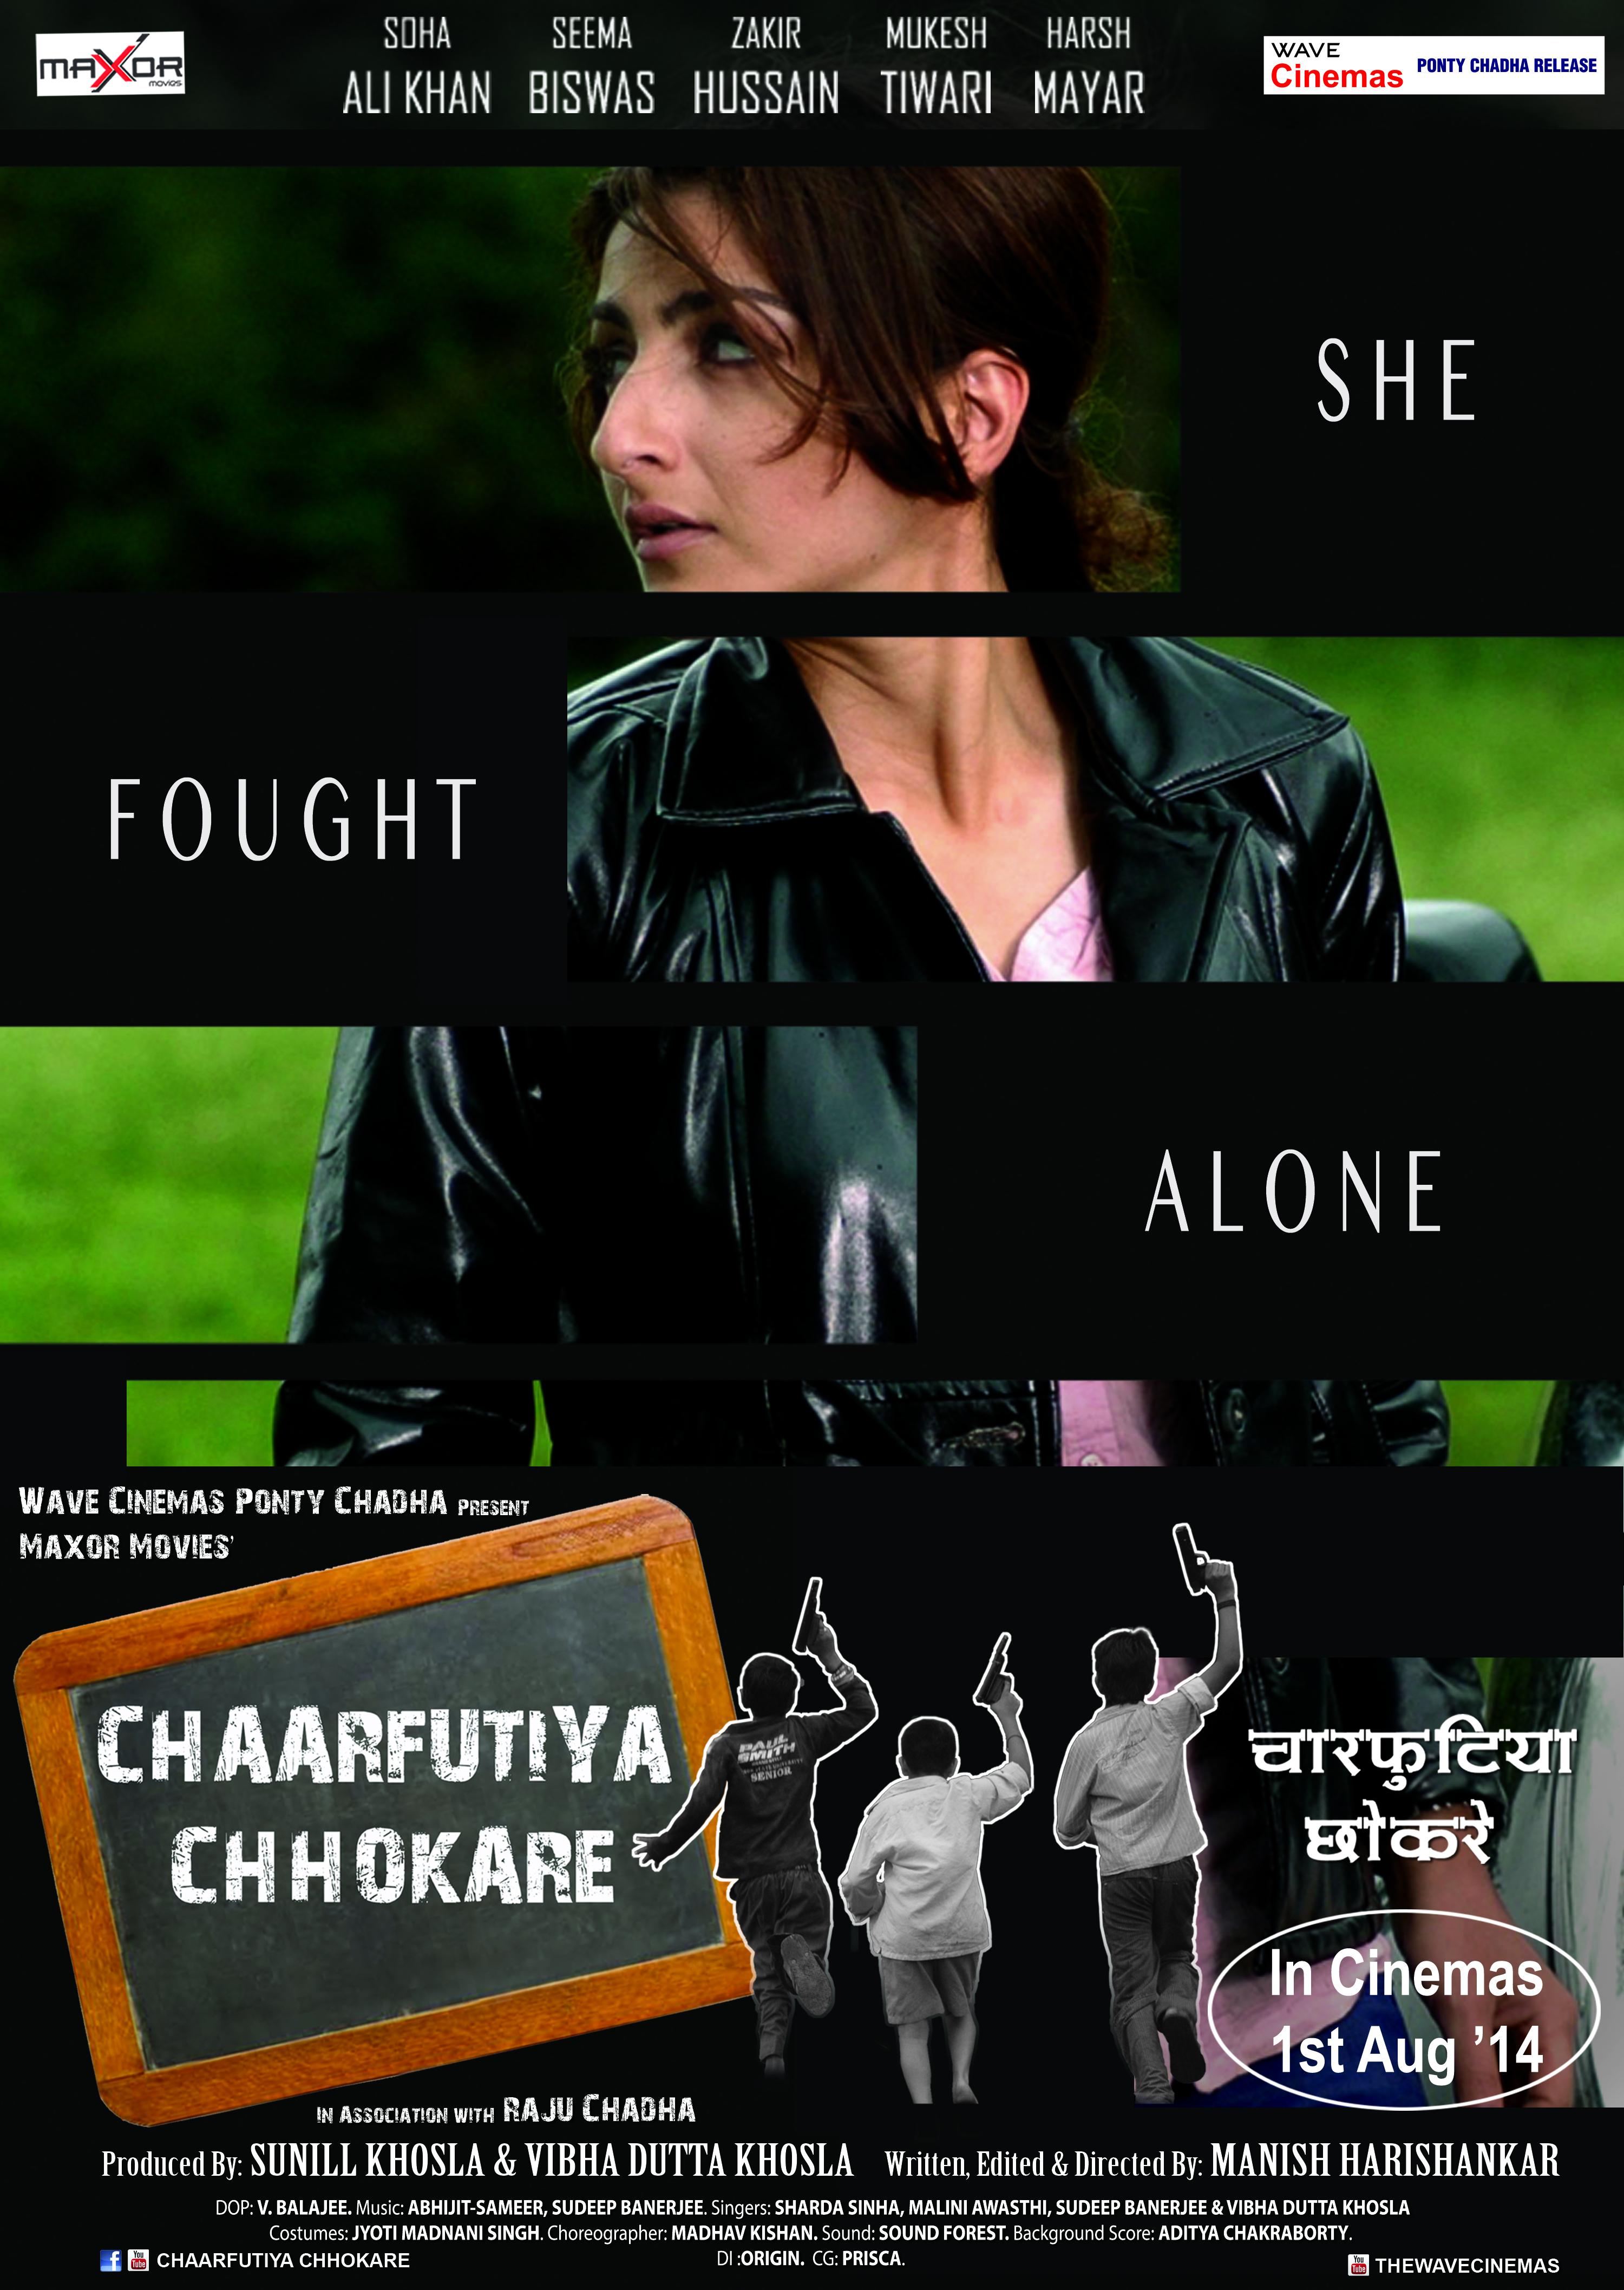 Chaarfutiya Chhokare